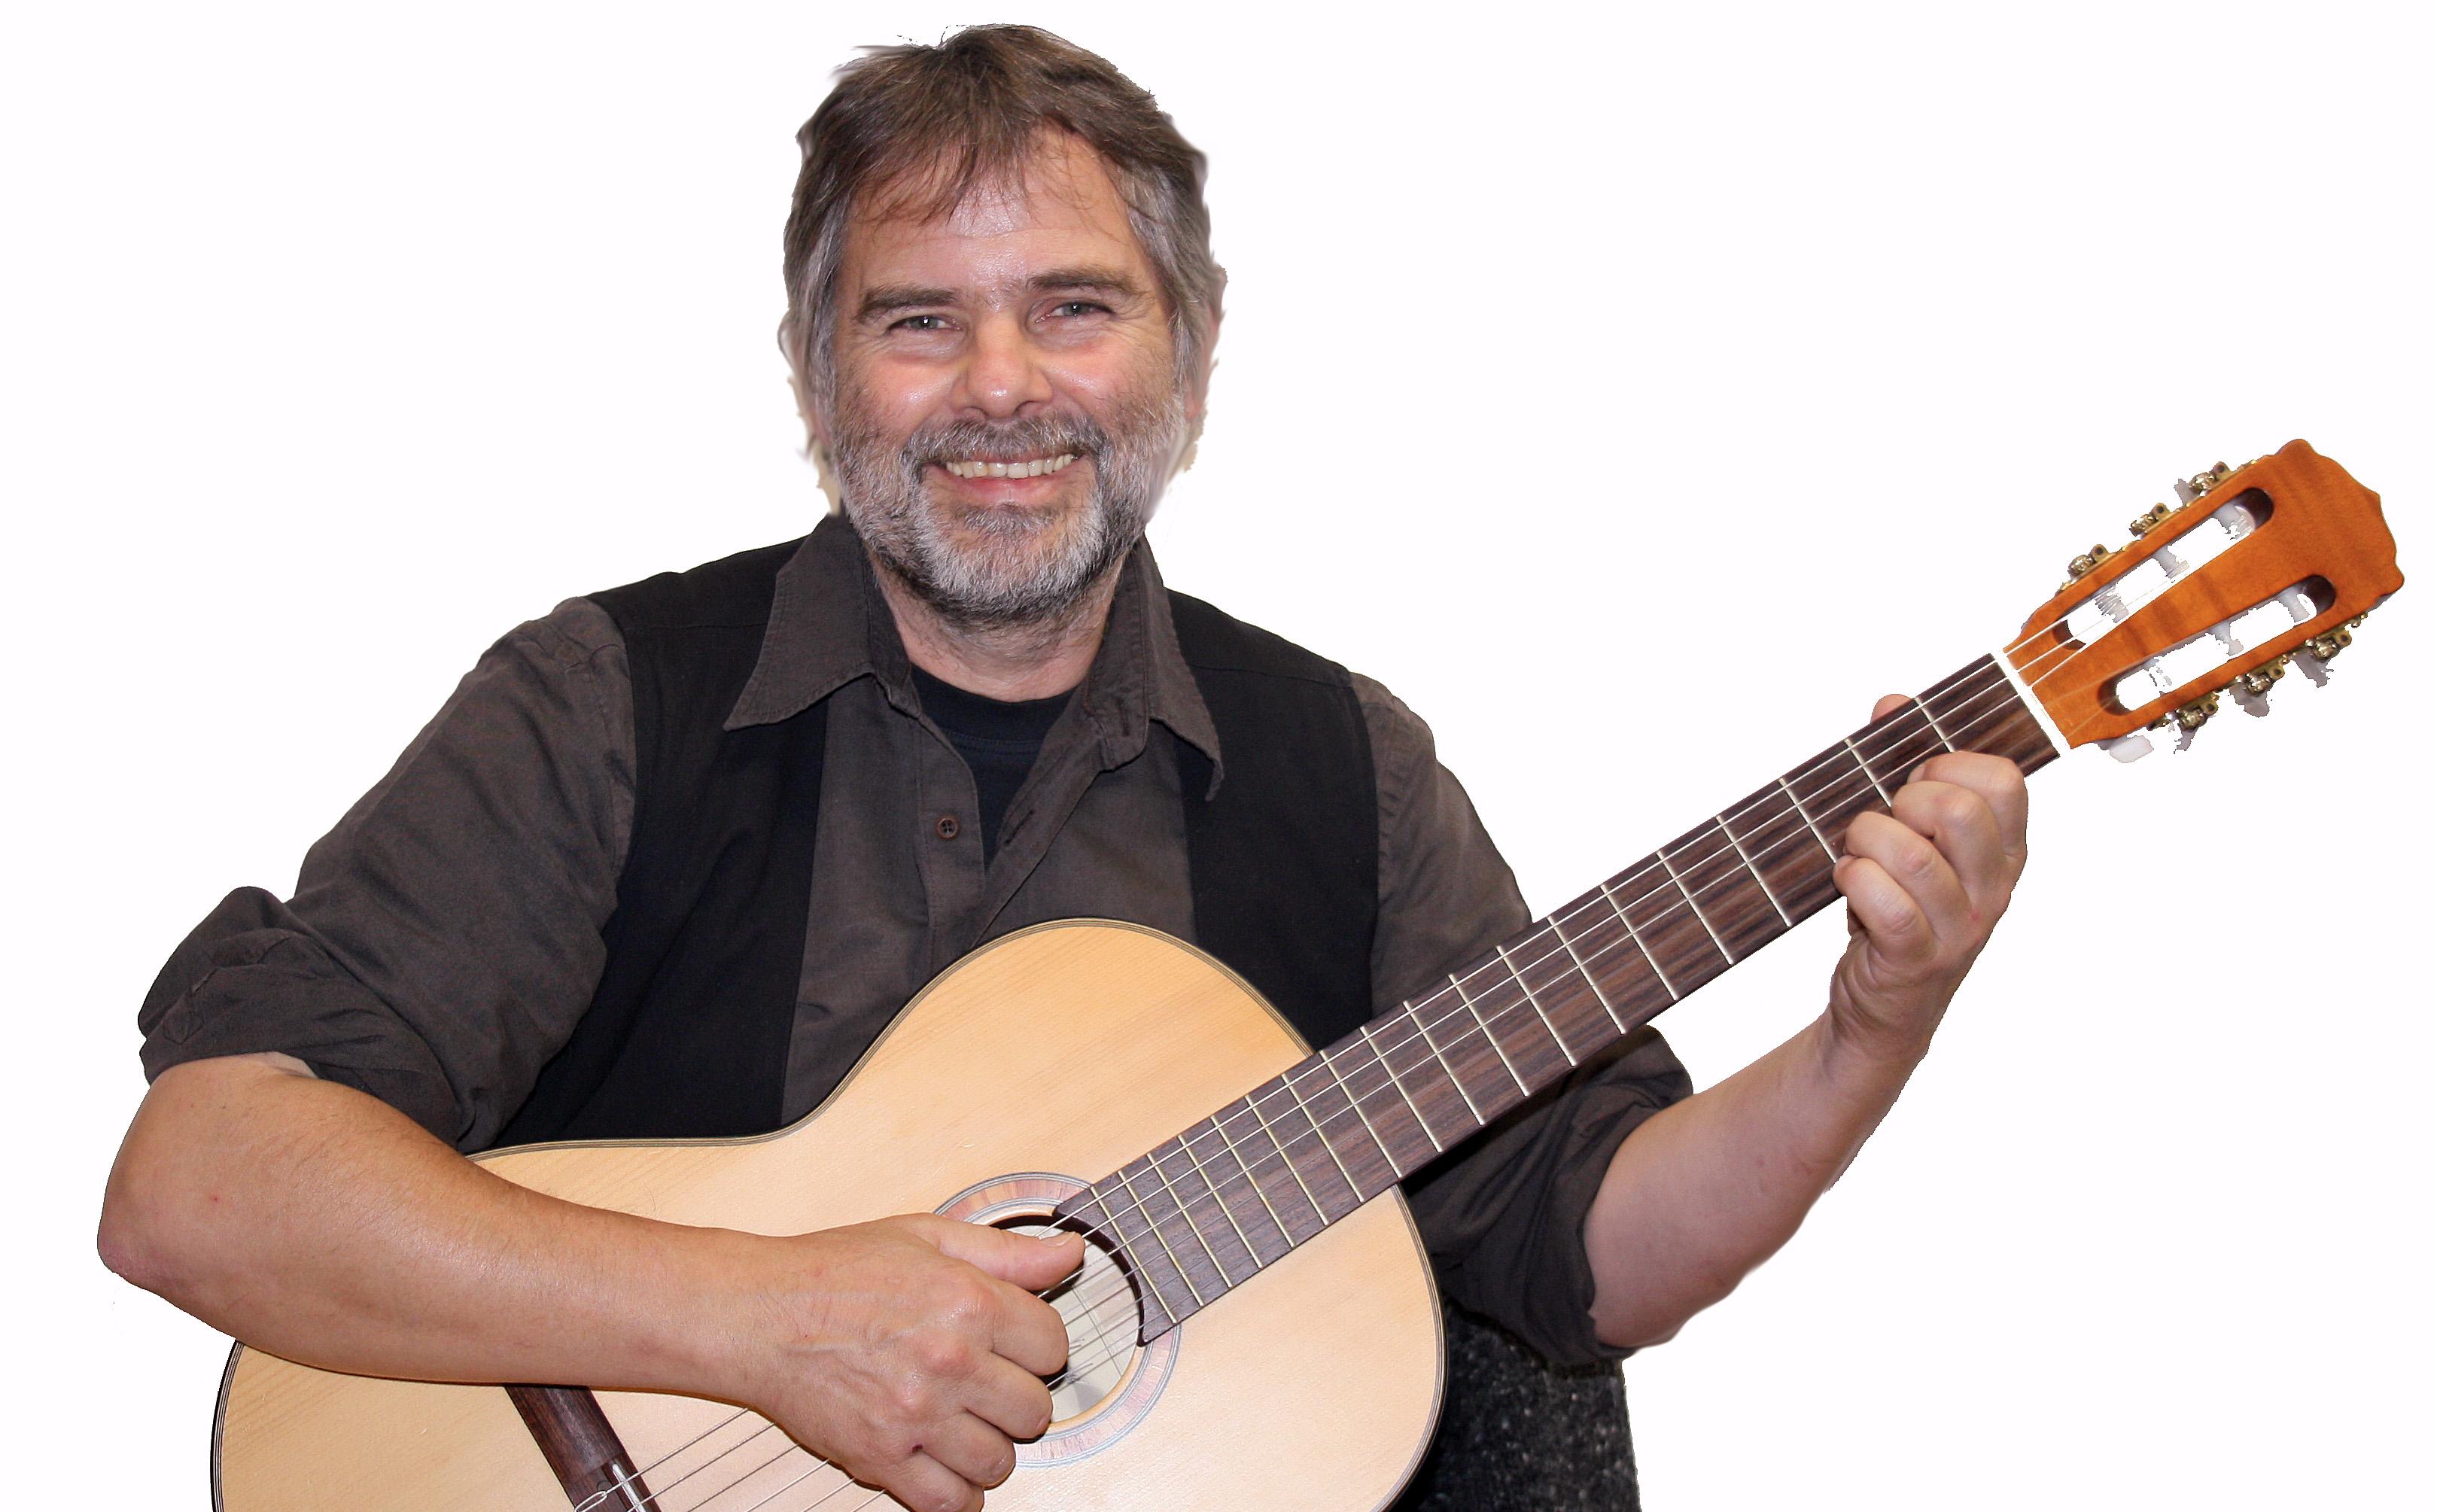 Johannes Seibold